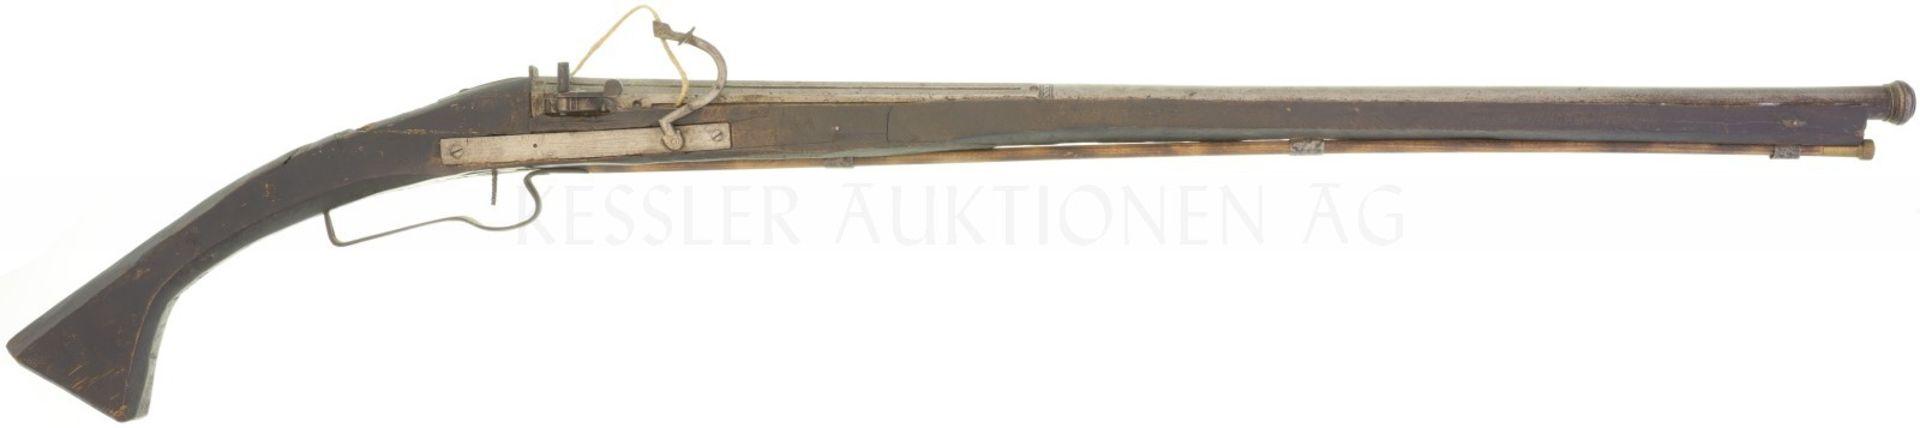 Luntenschlossgewehr, indisch, Kal. 18mm